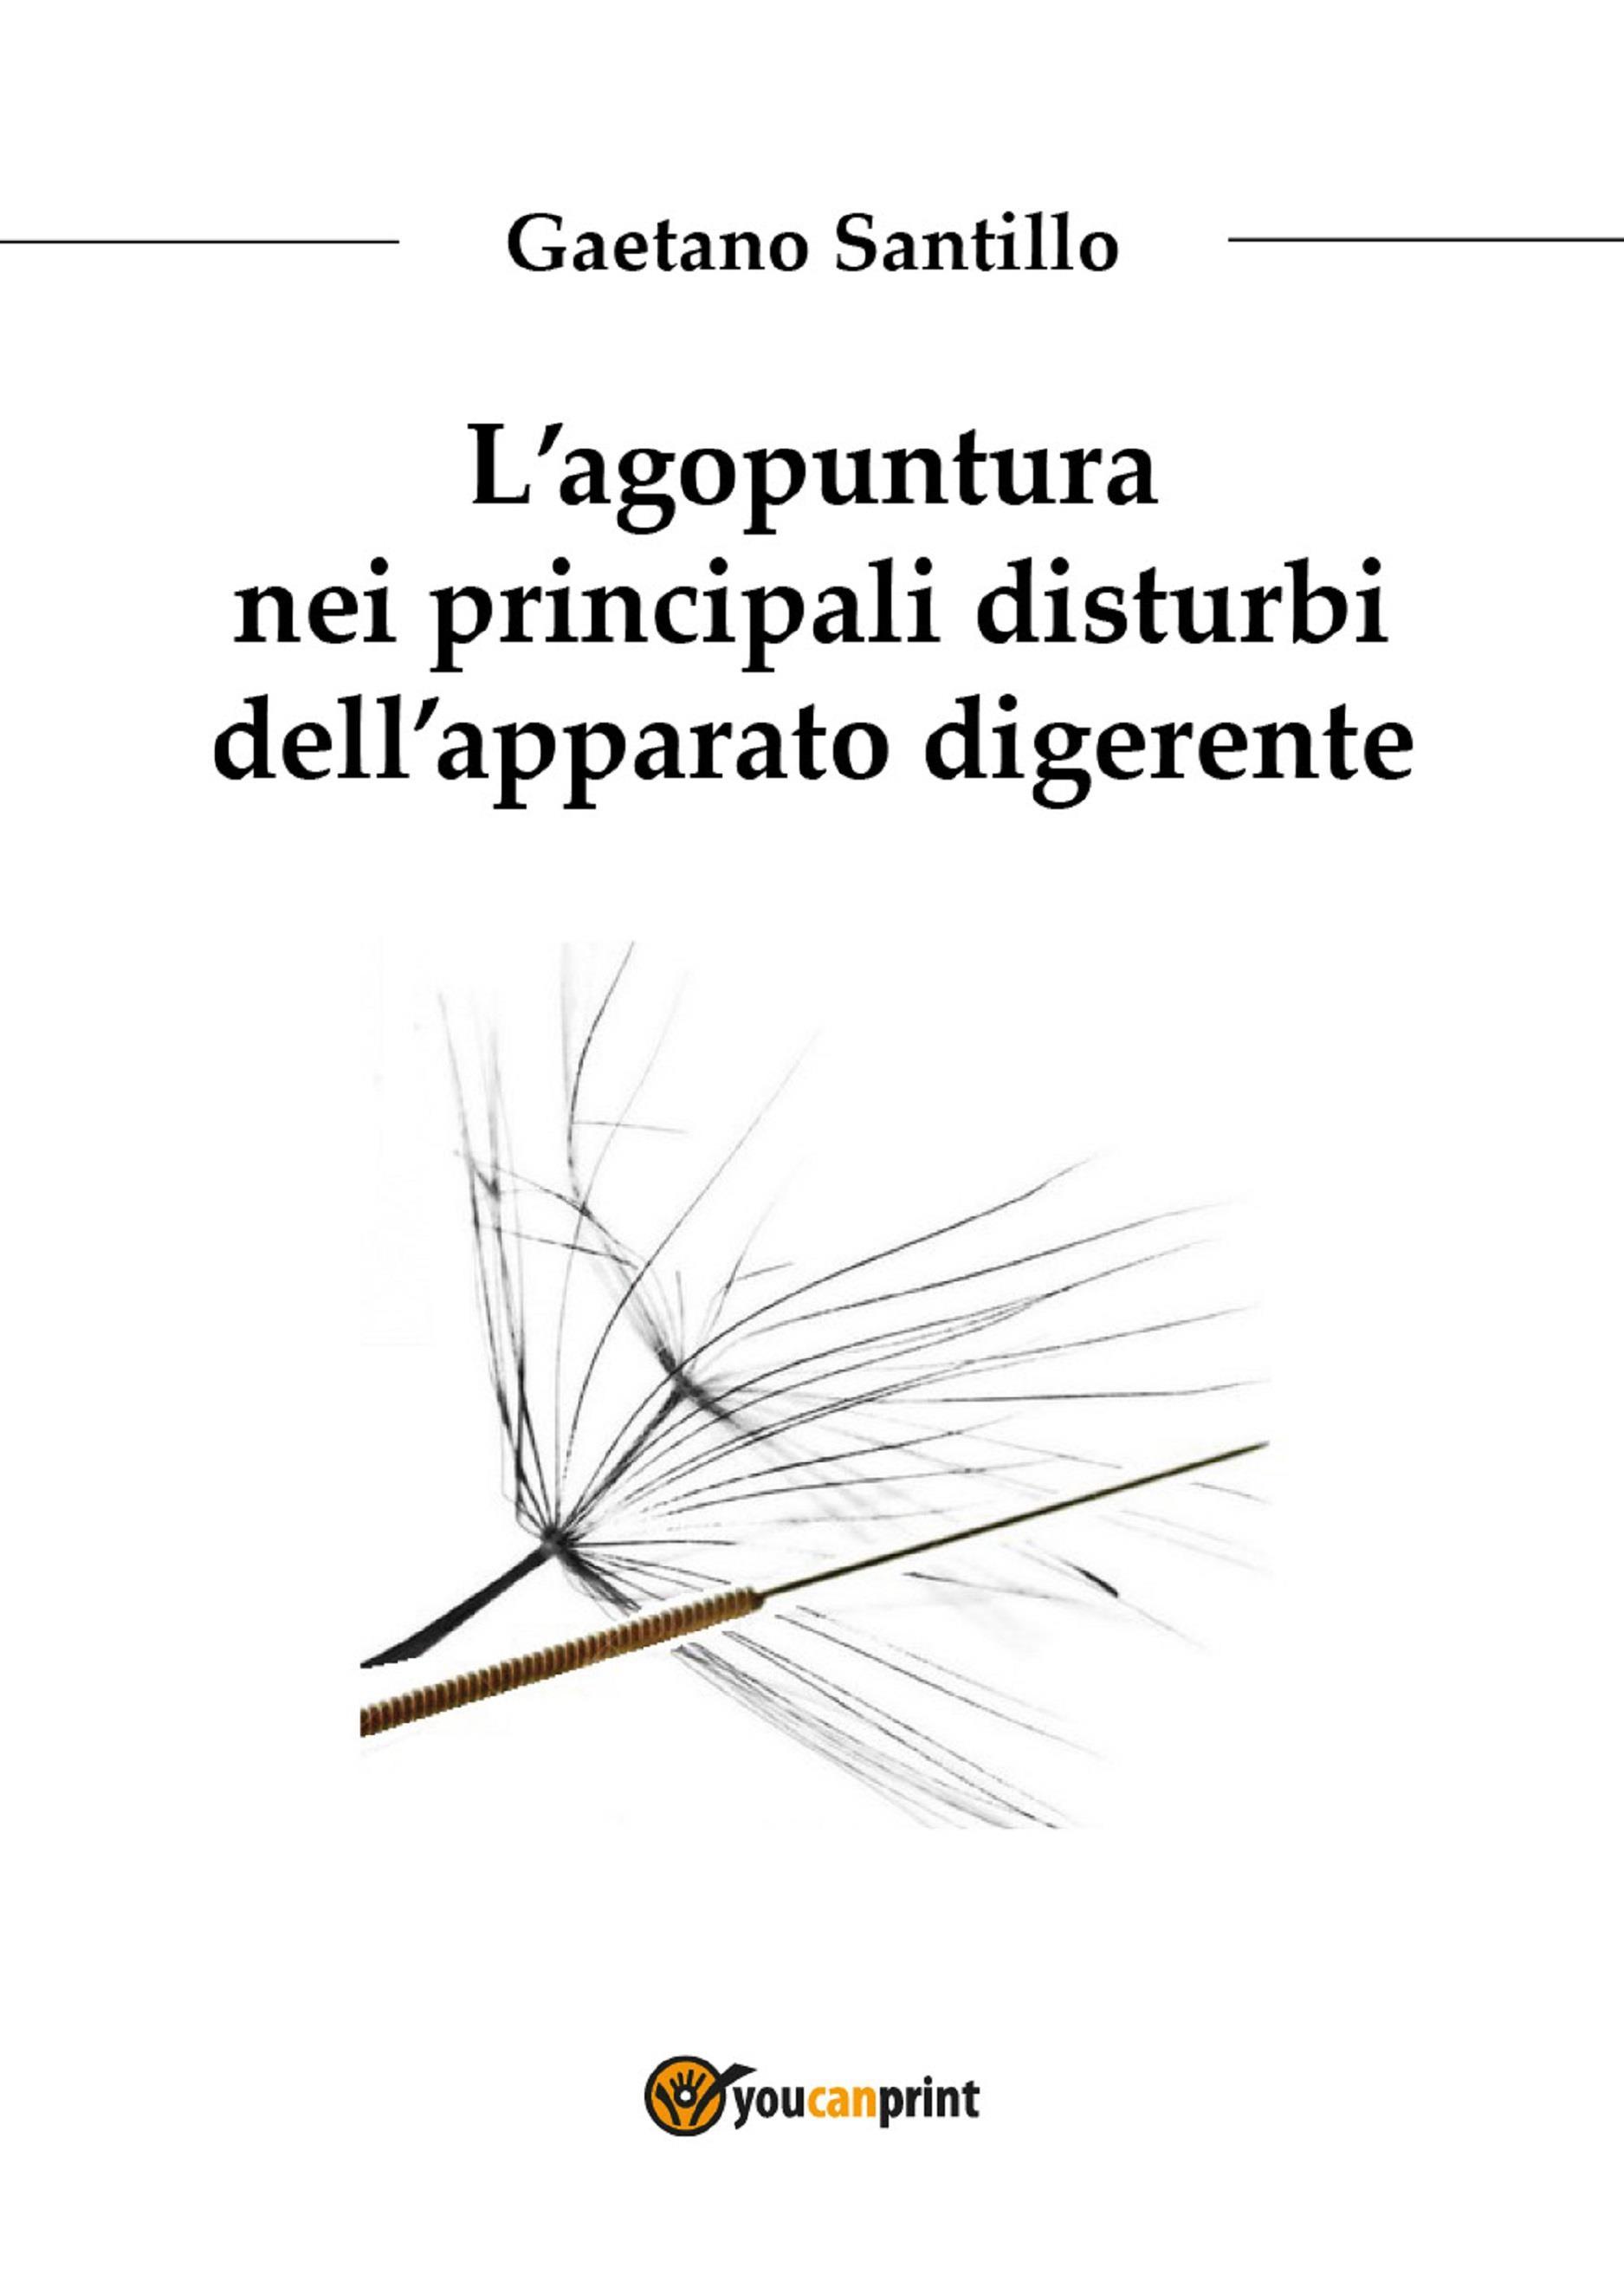 L'agopuntura nei principali disturbi dell'apparato digerente